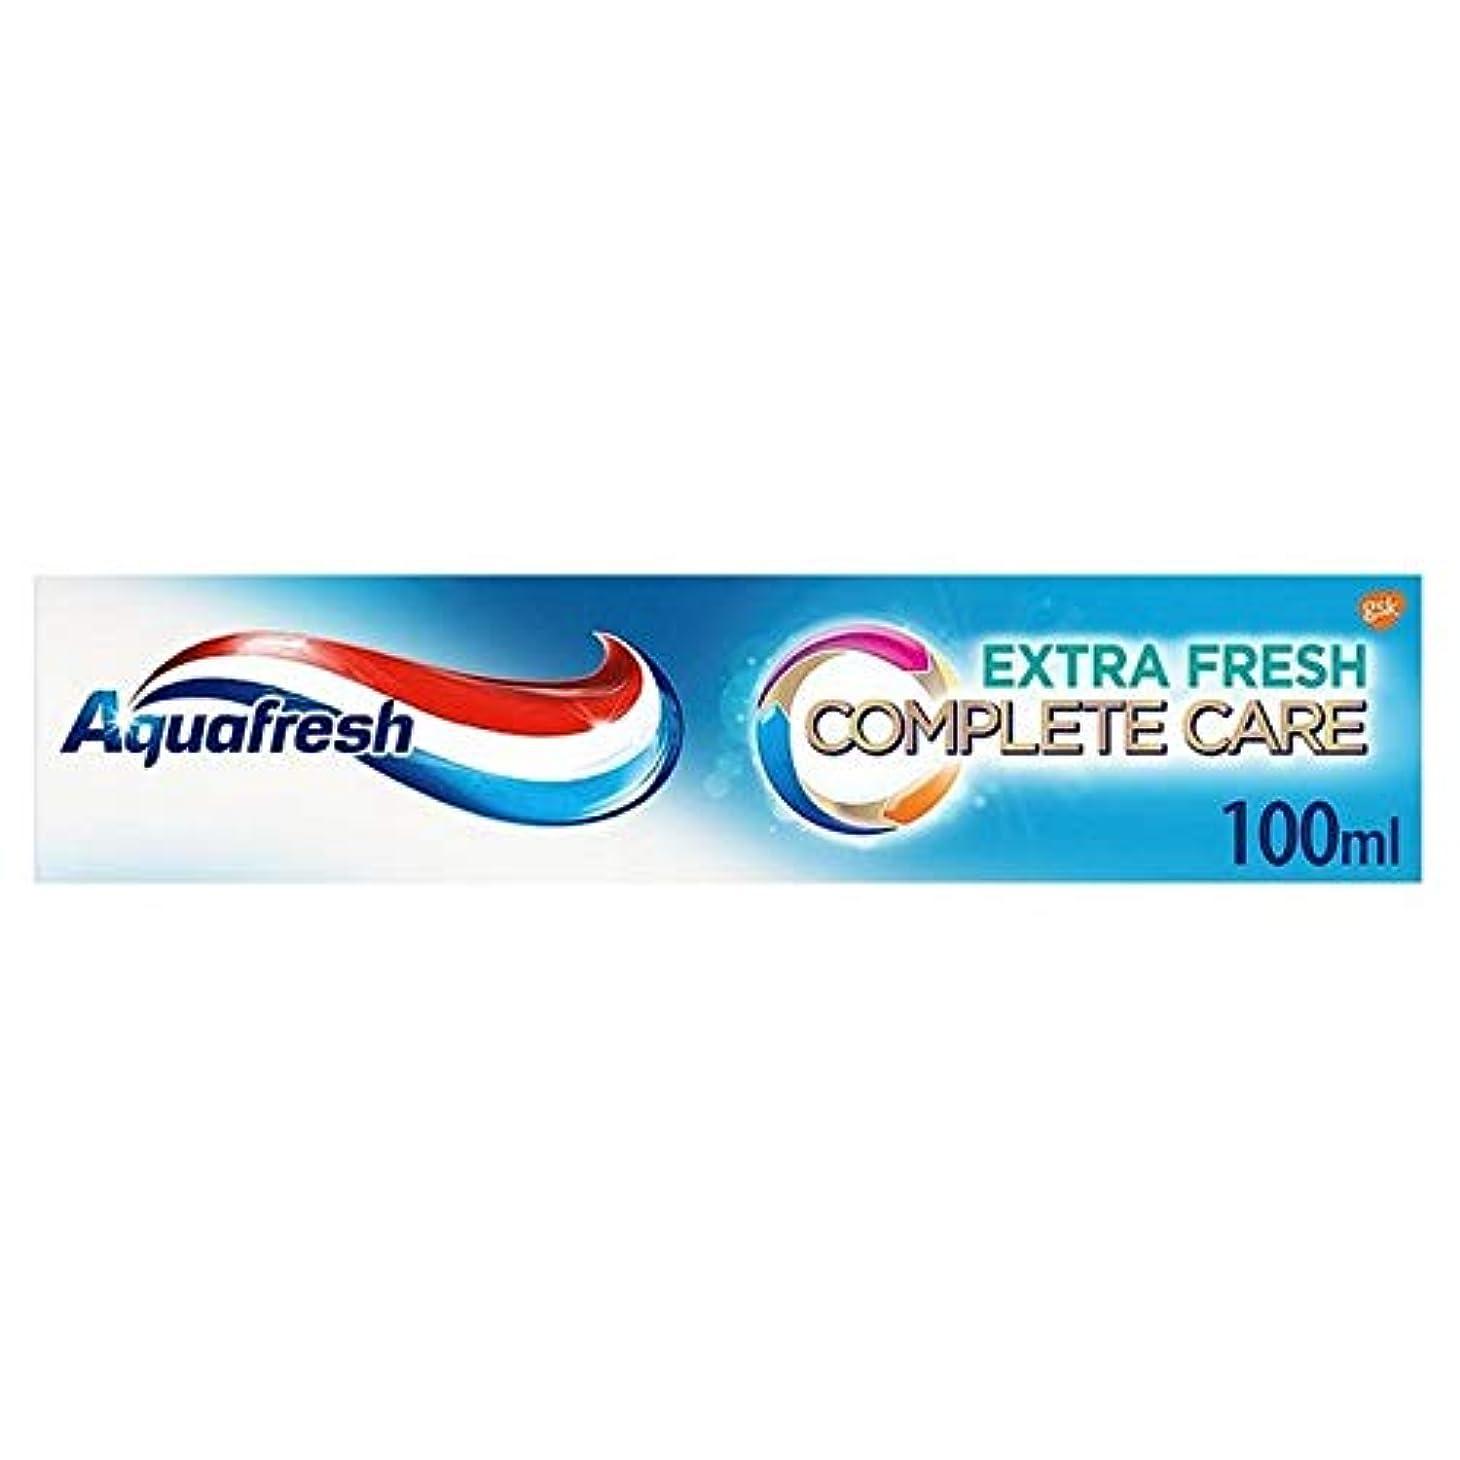 ワーカー回復アレキサンダーグラハムベル[Aquafresh ] アクアフレッシュ完全なケアの余分な新鮮な歯磨き粉の100ミリリットル - Aquafresh Complete Care Extra Fresh Toothpaste 100ml [並行輸入品]